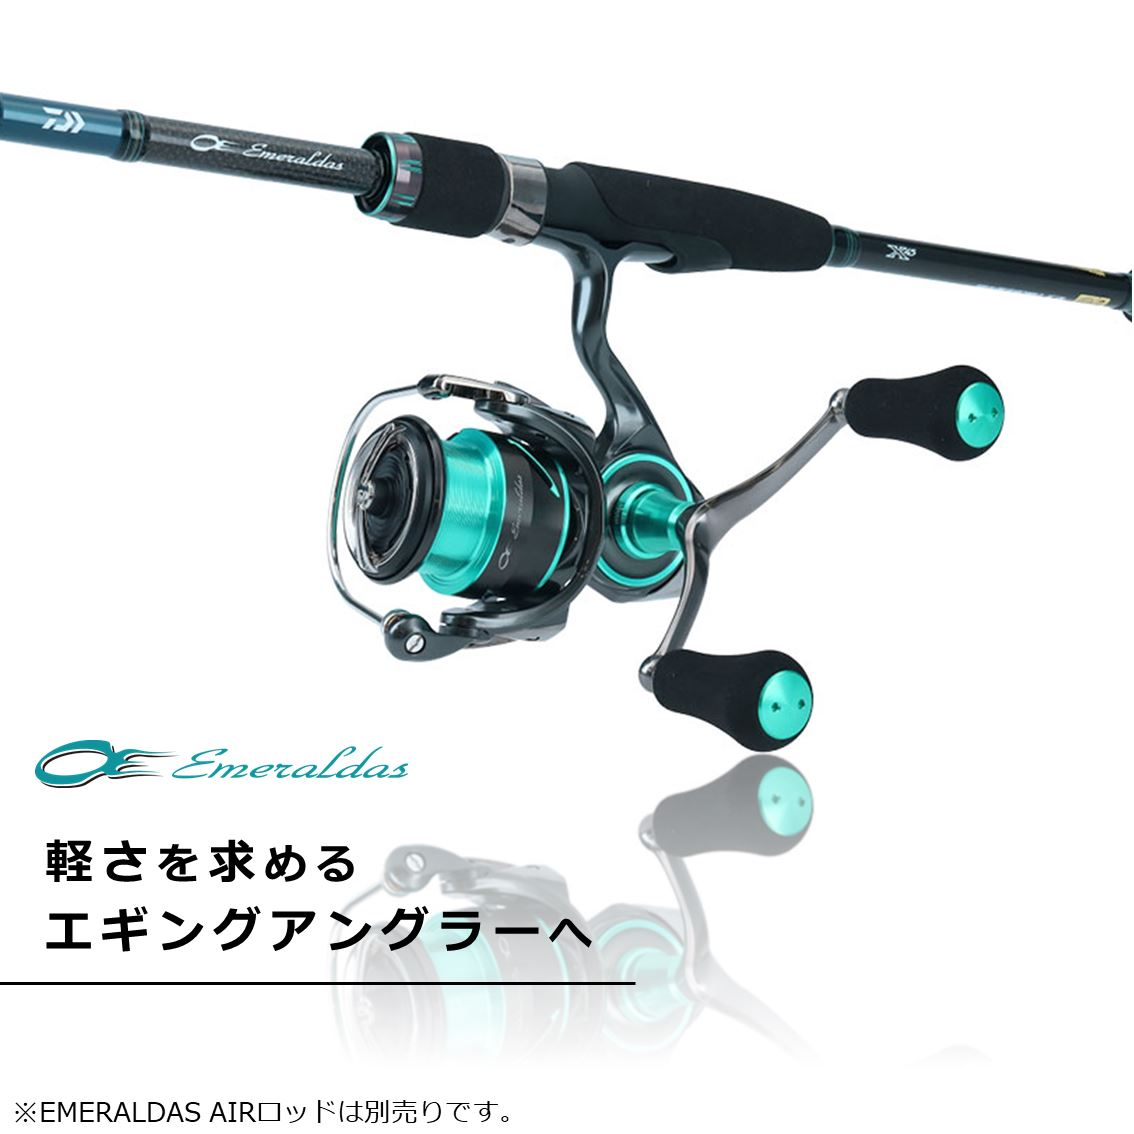 ダイワ 21エメラルダスAIR FC LT2500S-DH